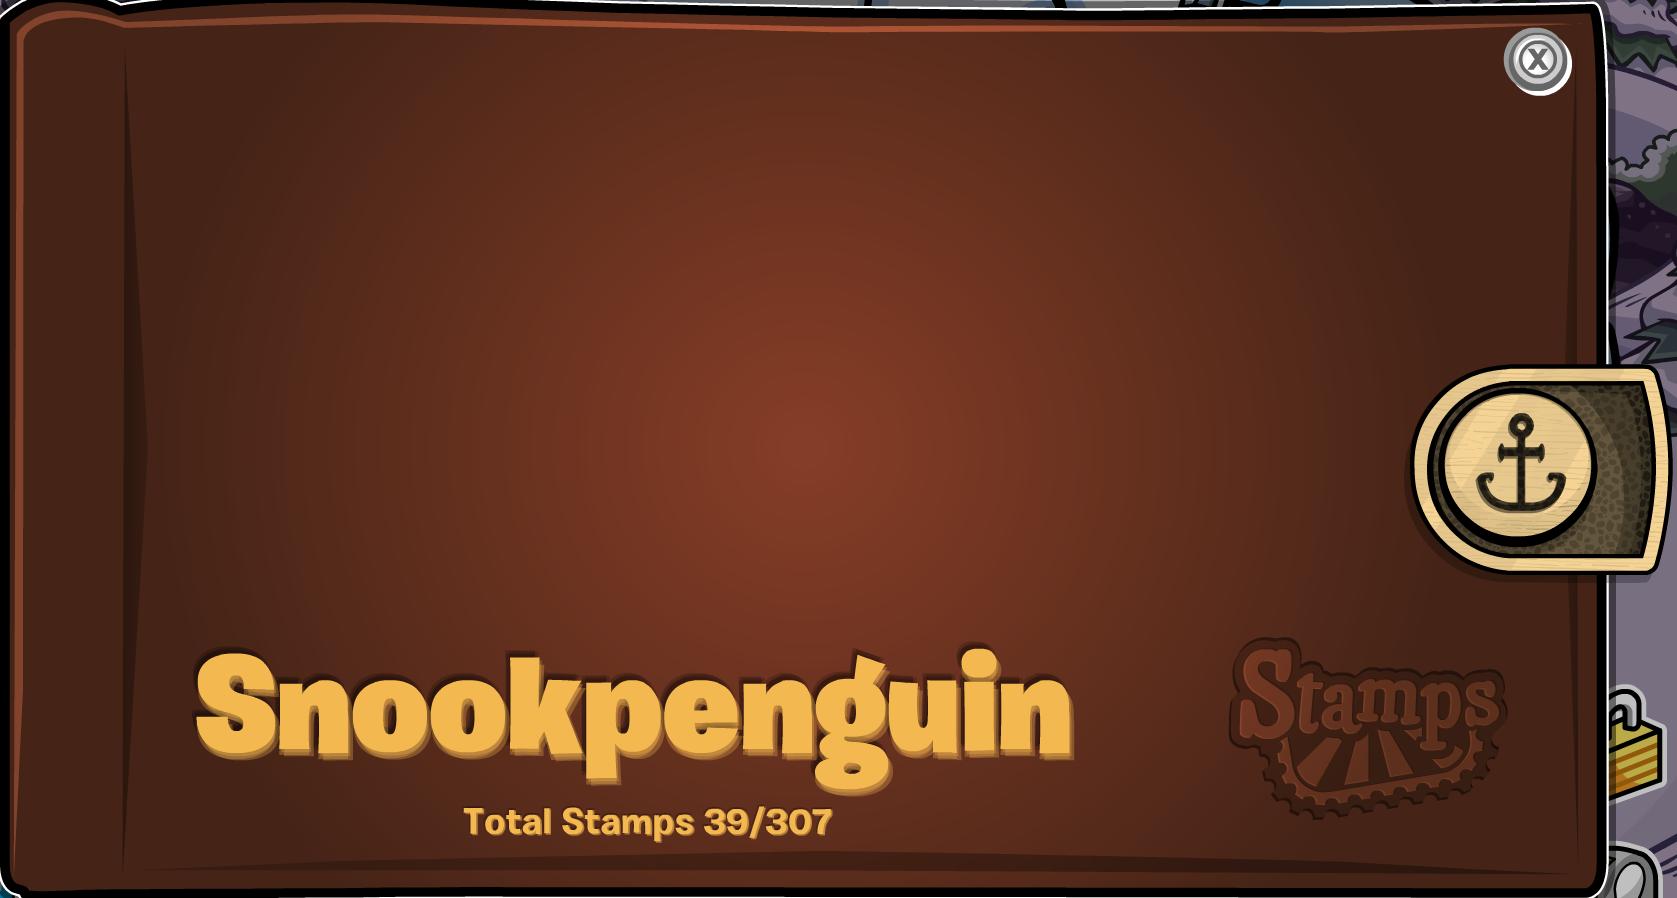 Snookpenguin